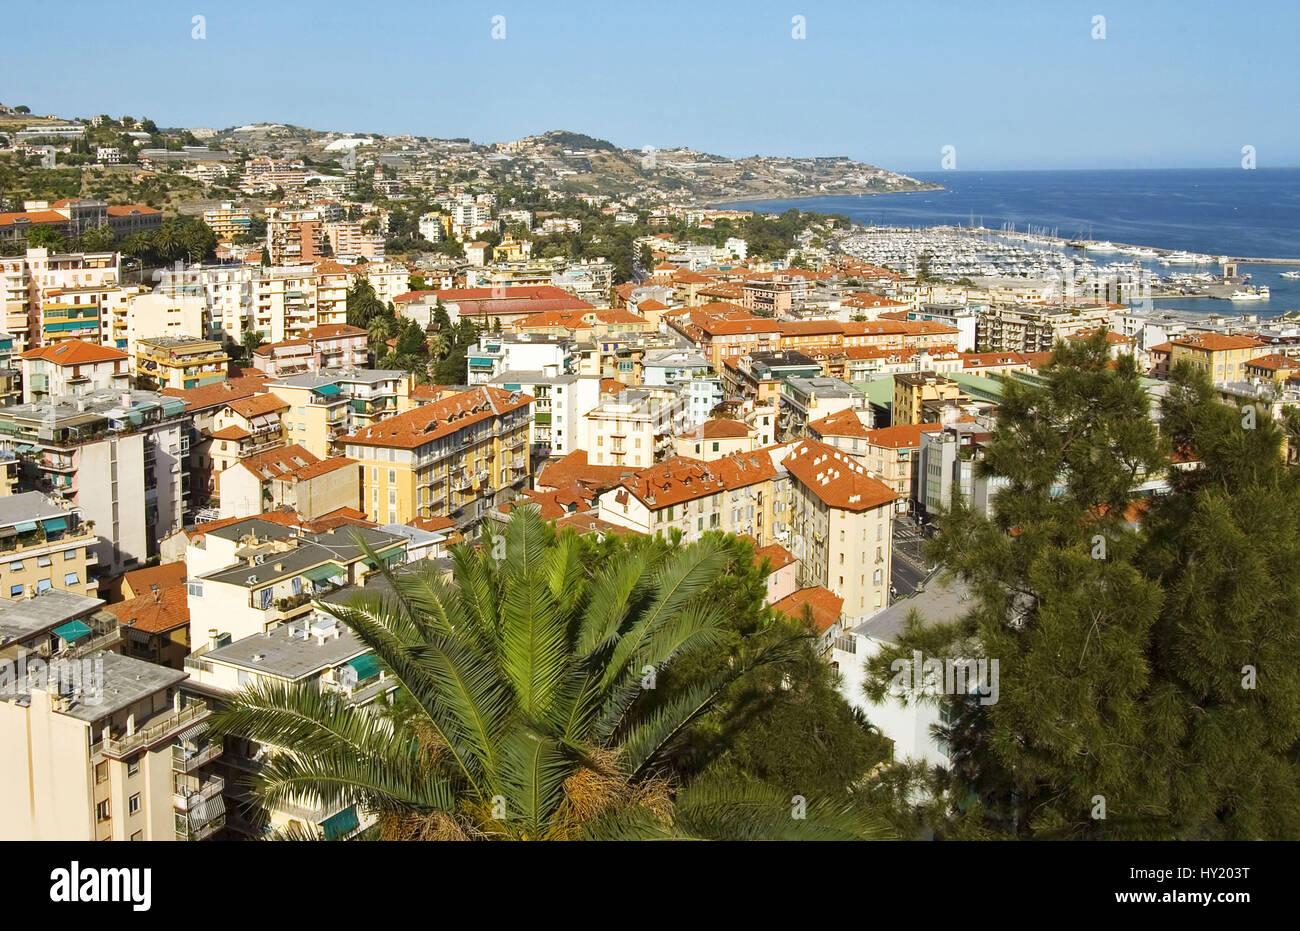 San Remo, Ein Bekanntes Reiseziel der Ligurischen Küste, Nordwestitalien. Stockbild